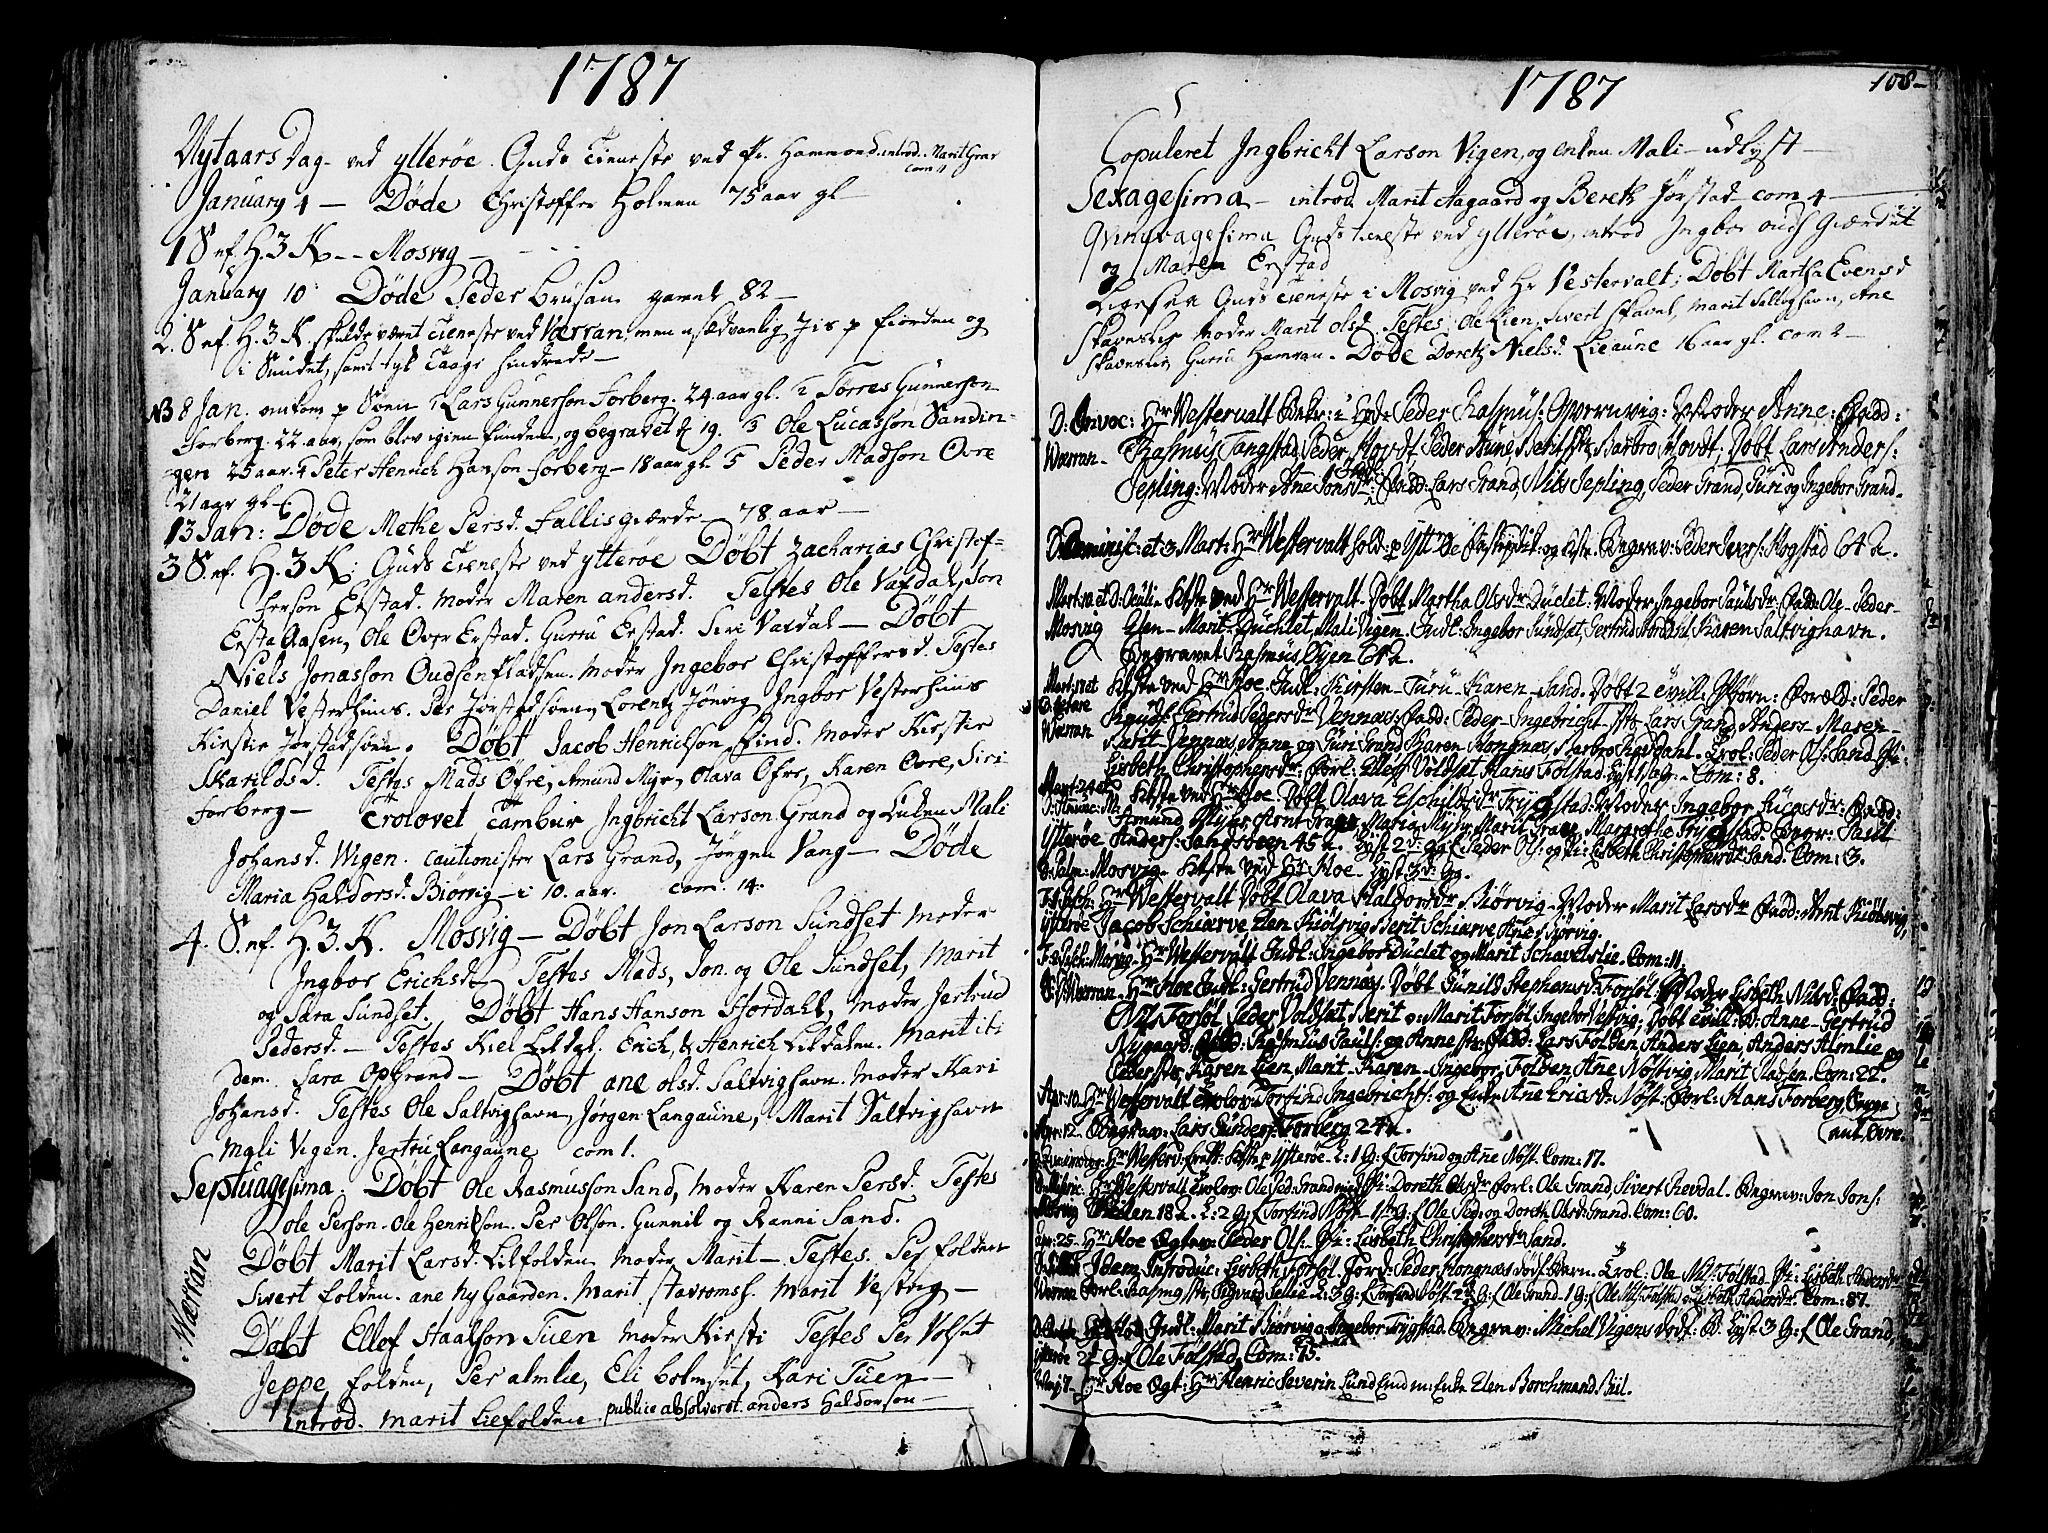 SAT, Ministerialprotokoller, klokkerbøker og fødselsregistre - Nord-Trøndelag, 722/L0216: Ministerialbok nr. 722A03, 1756-1816, s. 108